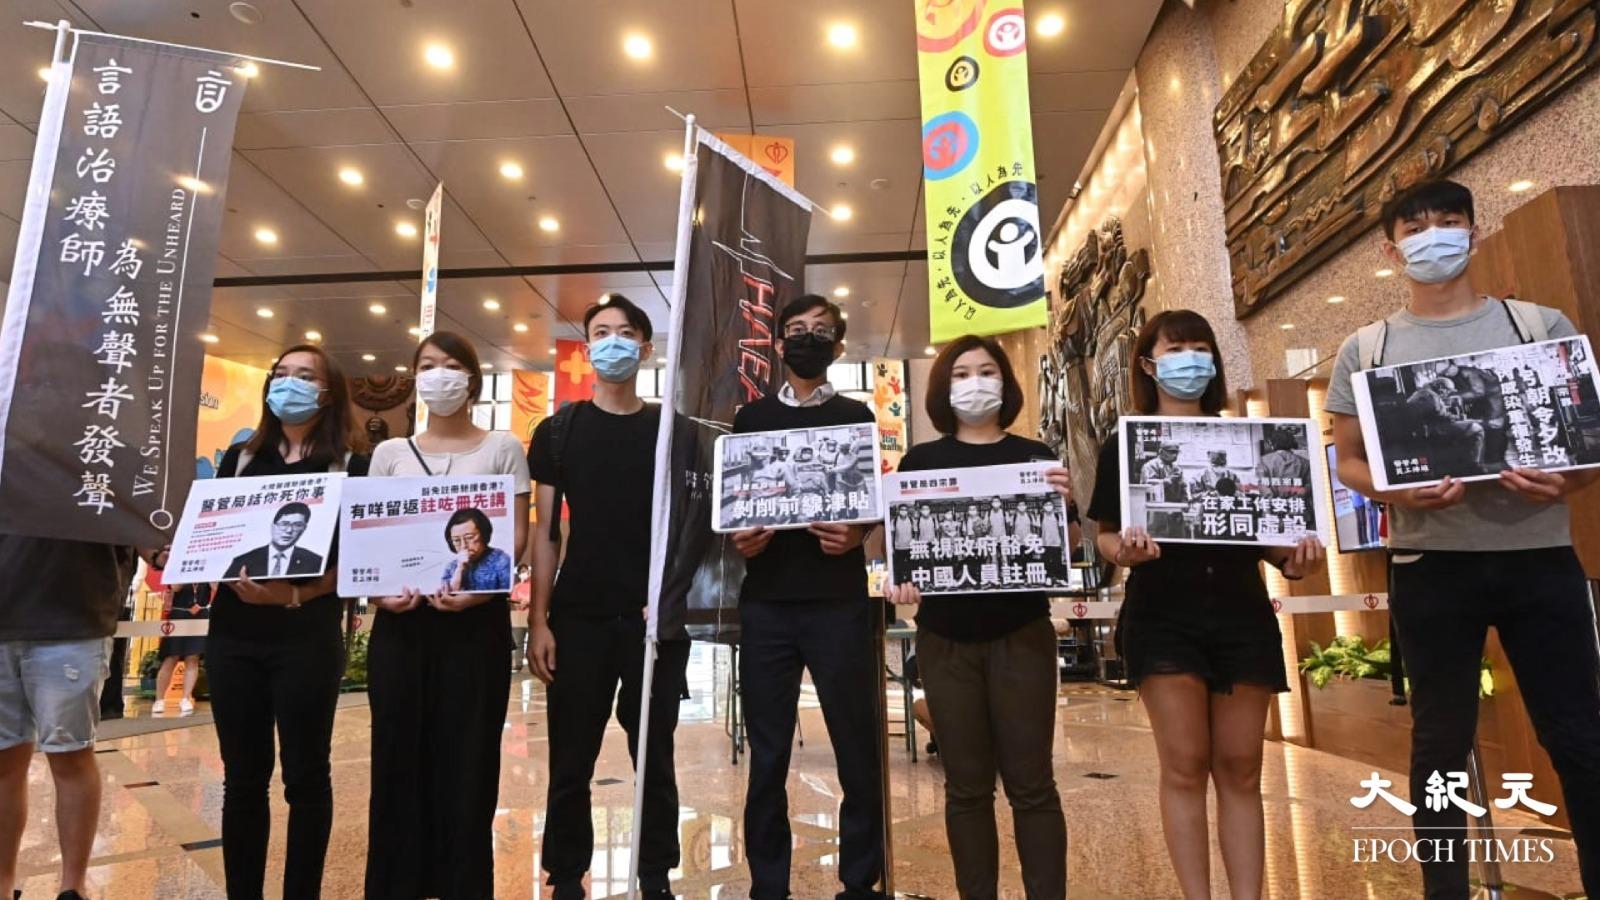 醫管局員工陣線於8月13日到醫管局大樓表示抗議,並要求高拔陞公開交代抗疫問題。(宋碧龍/大紀元)